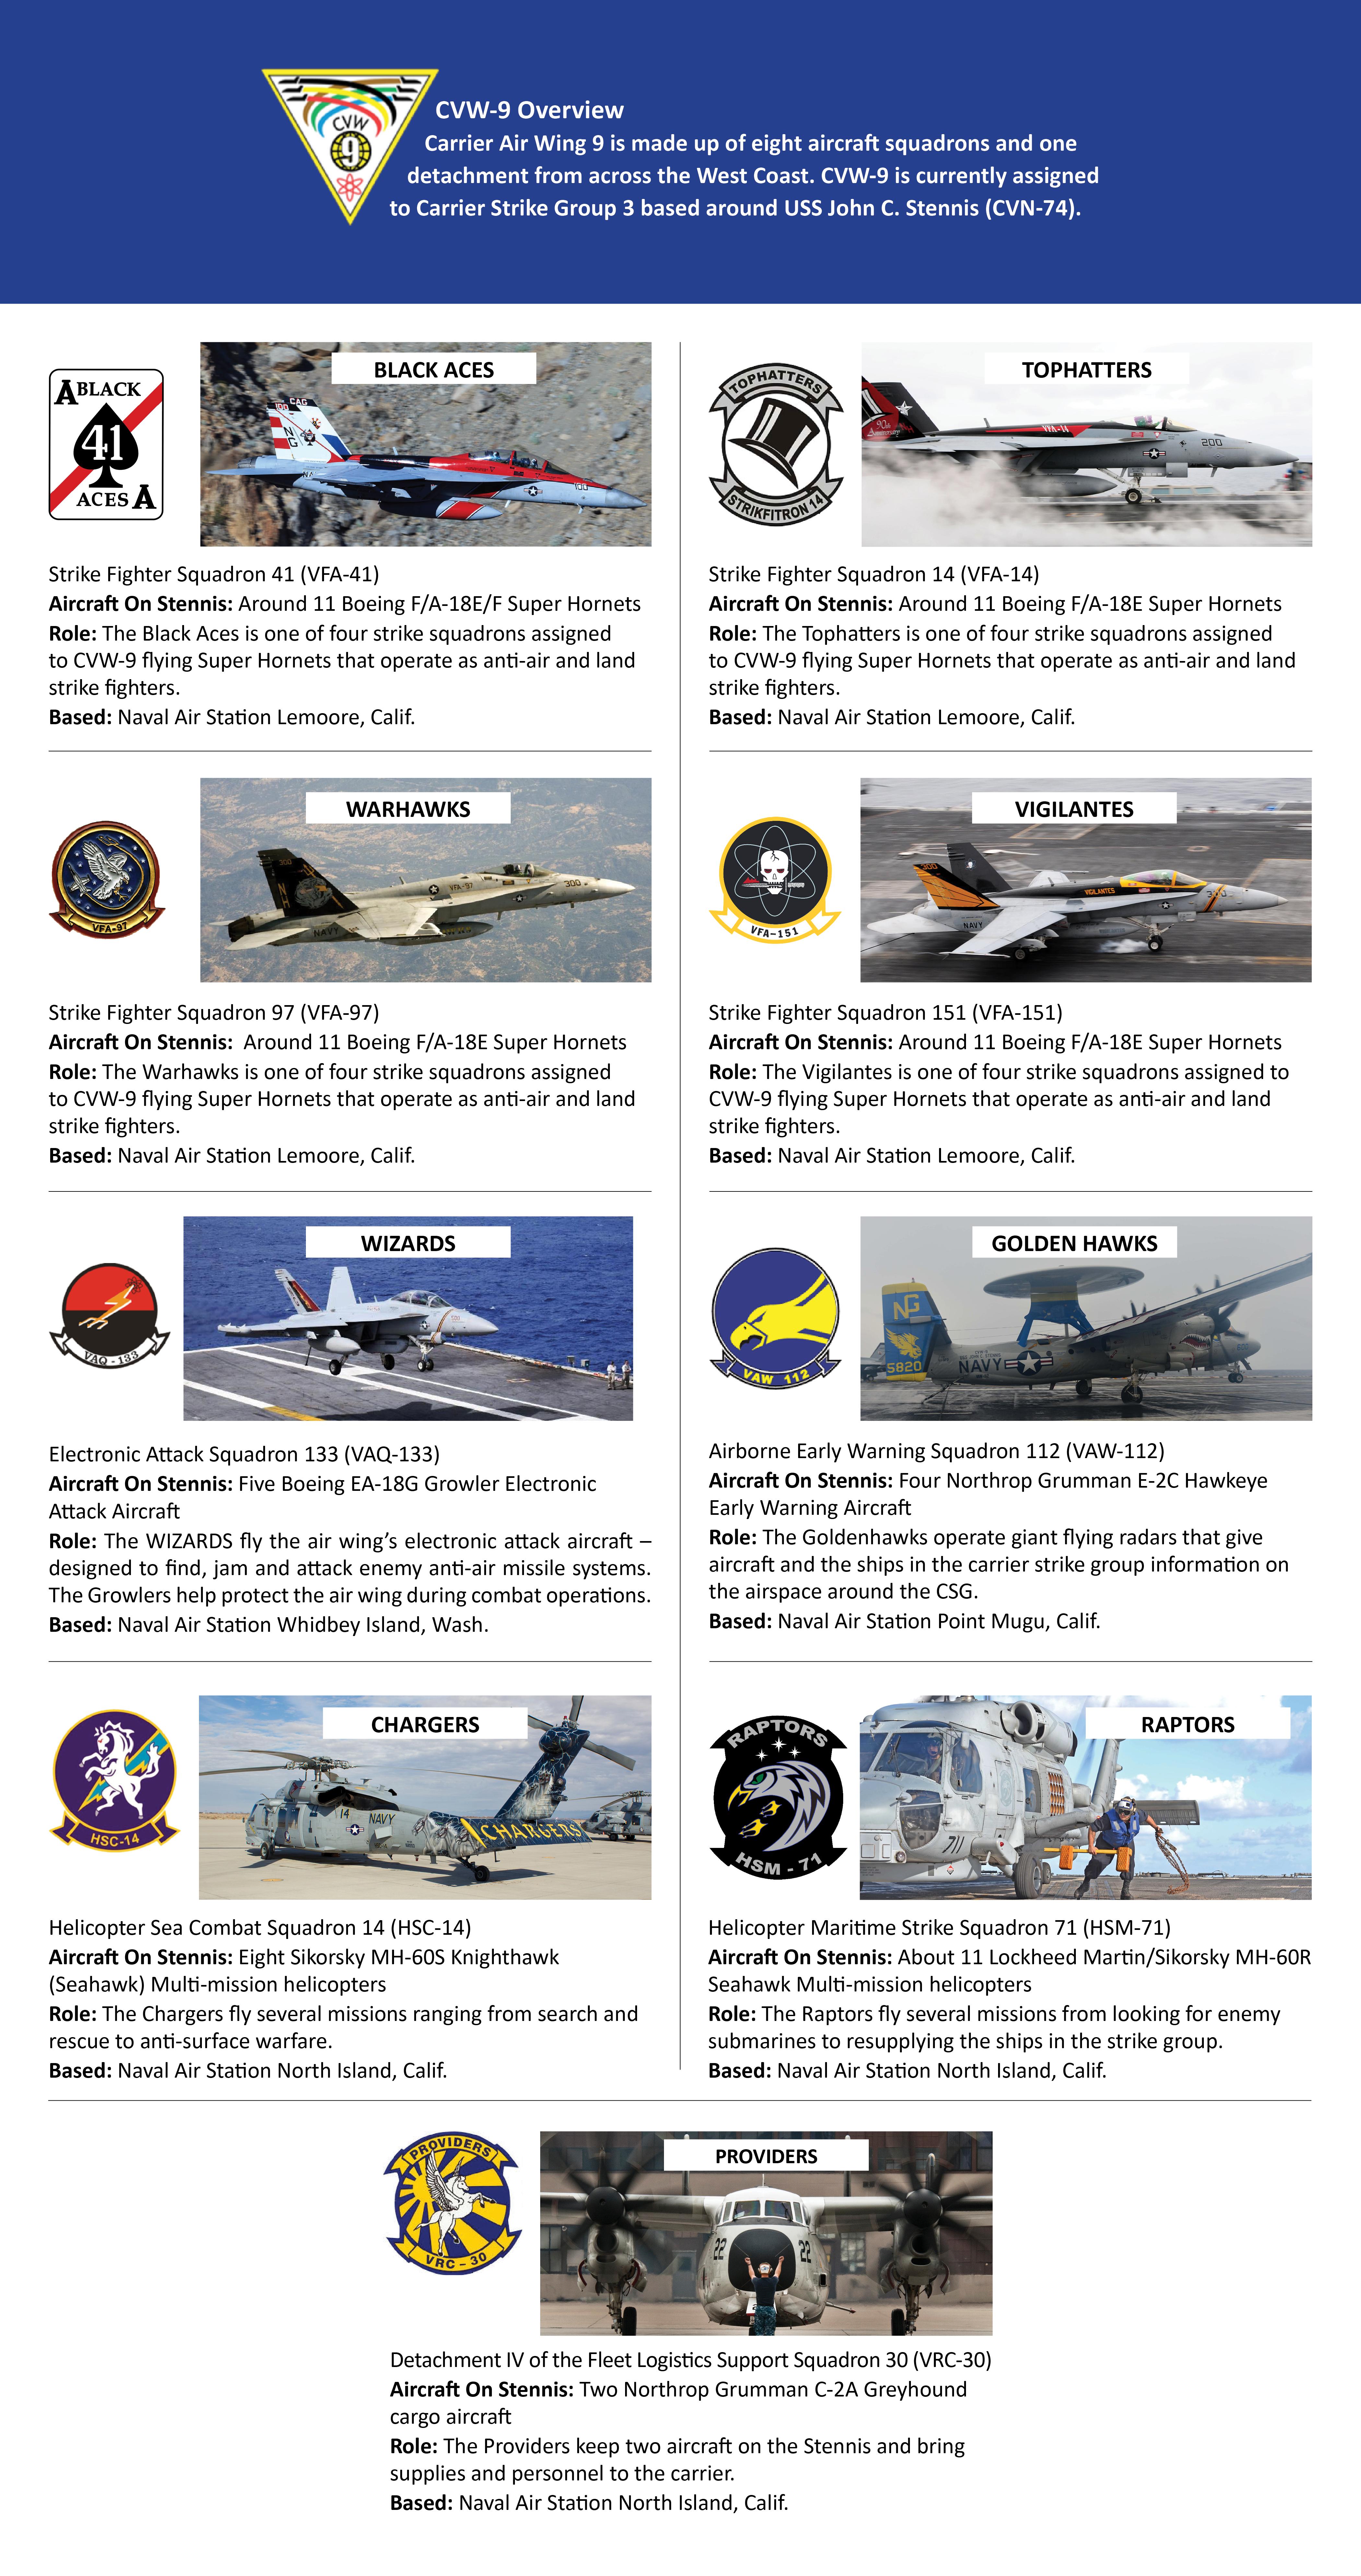 CVW-9 Overview_FINAL (1)